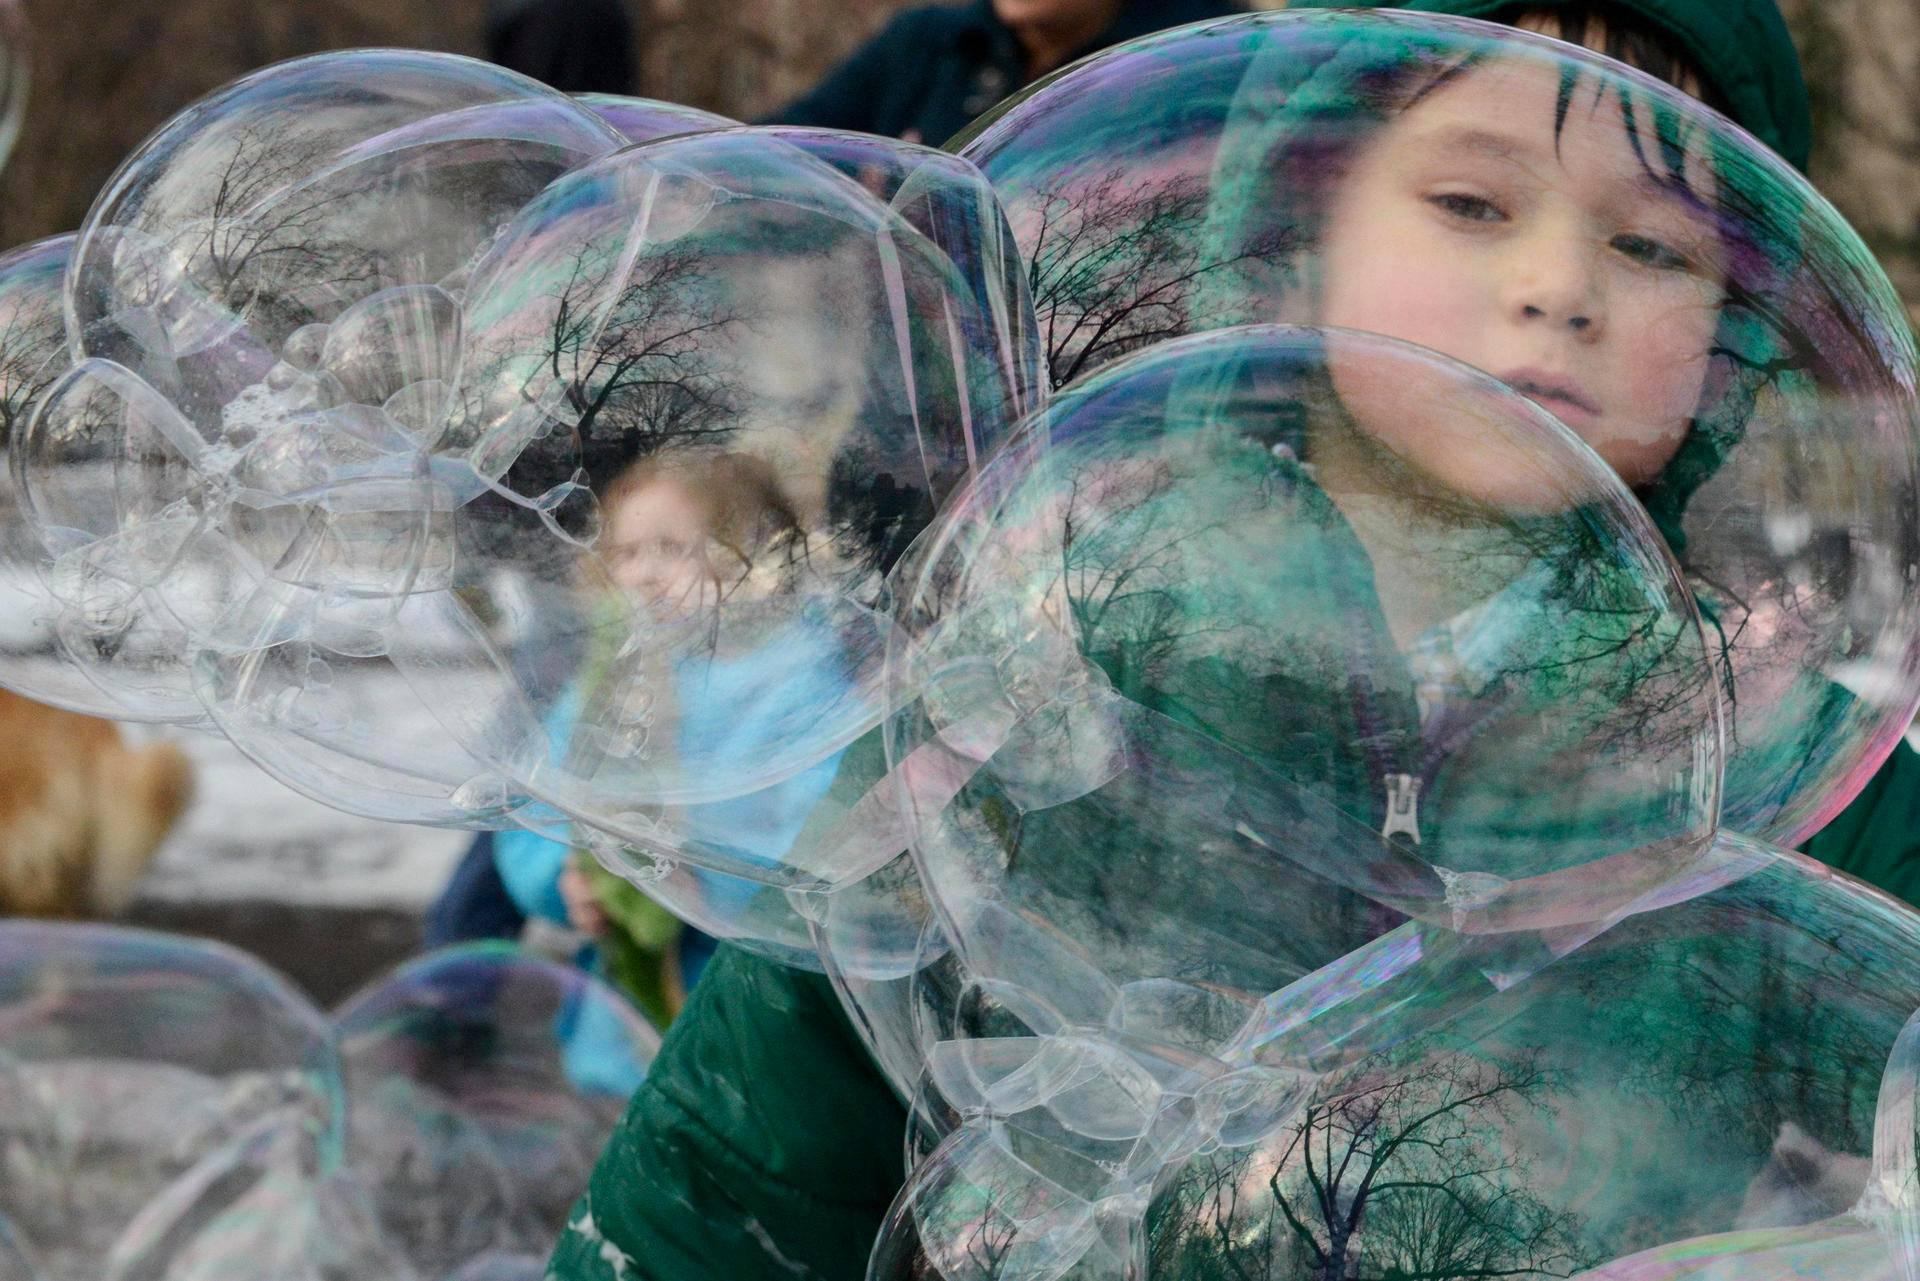 Poika leikki jättimäisten saippuakuplien kanssa Washington-aukiolla New Yorkissa.